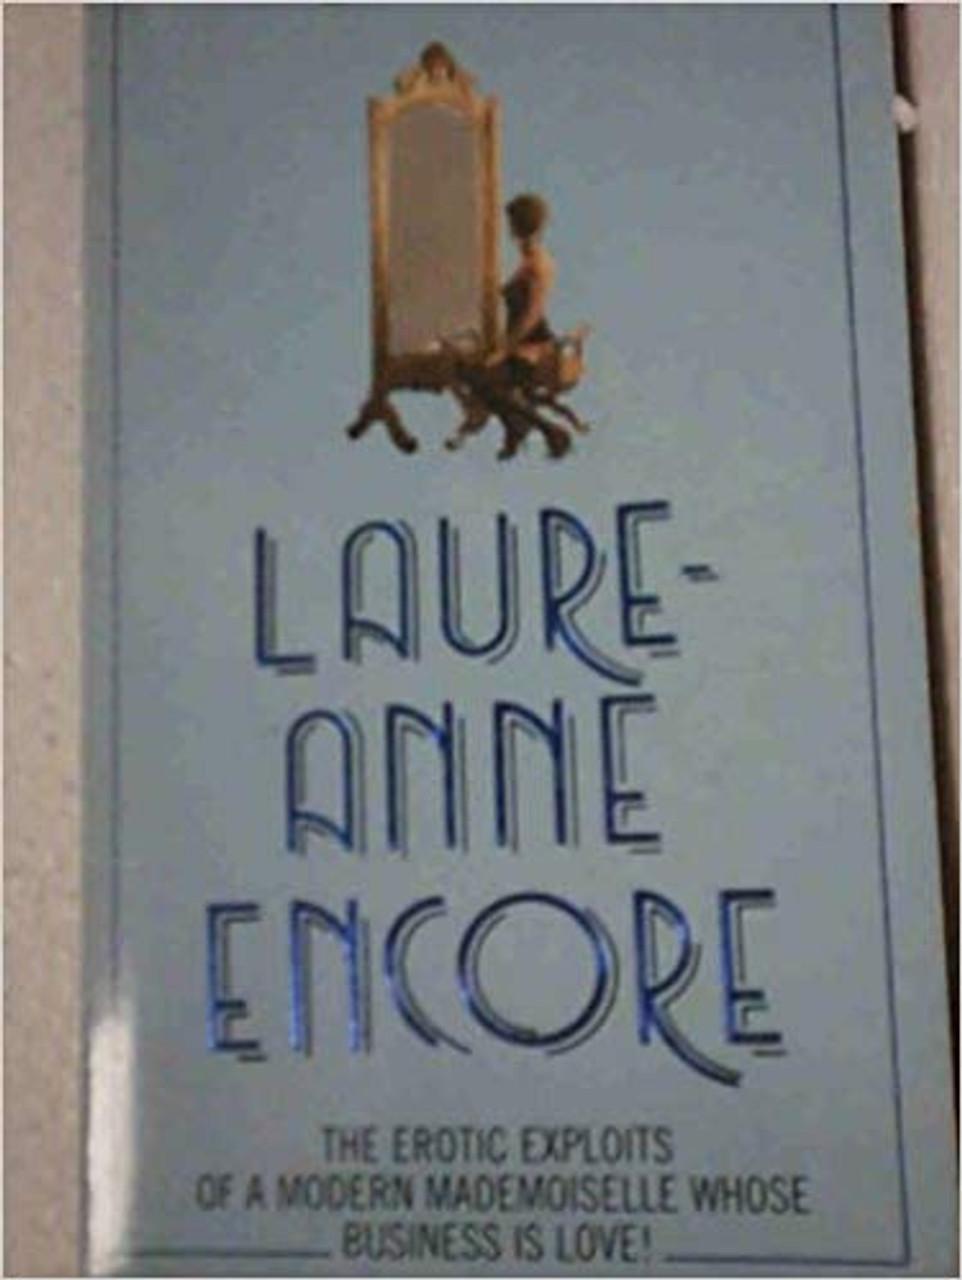 Anne, Laure / Encore